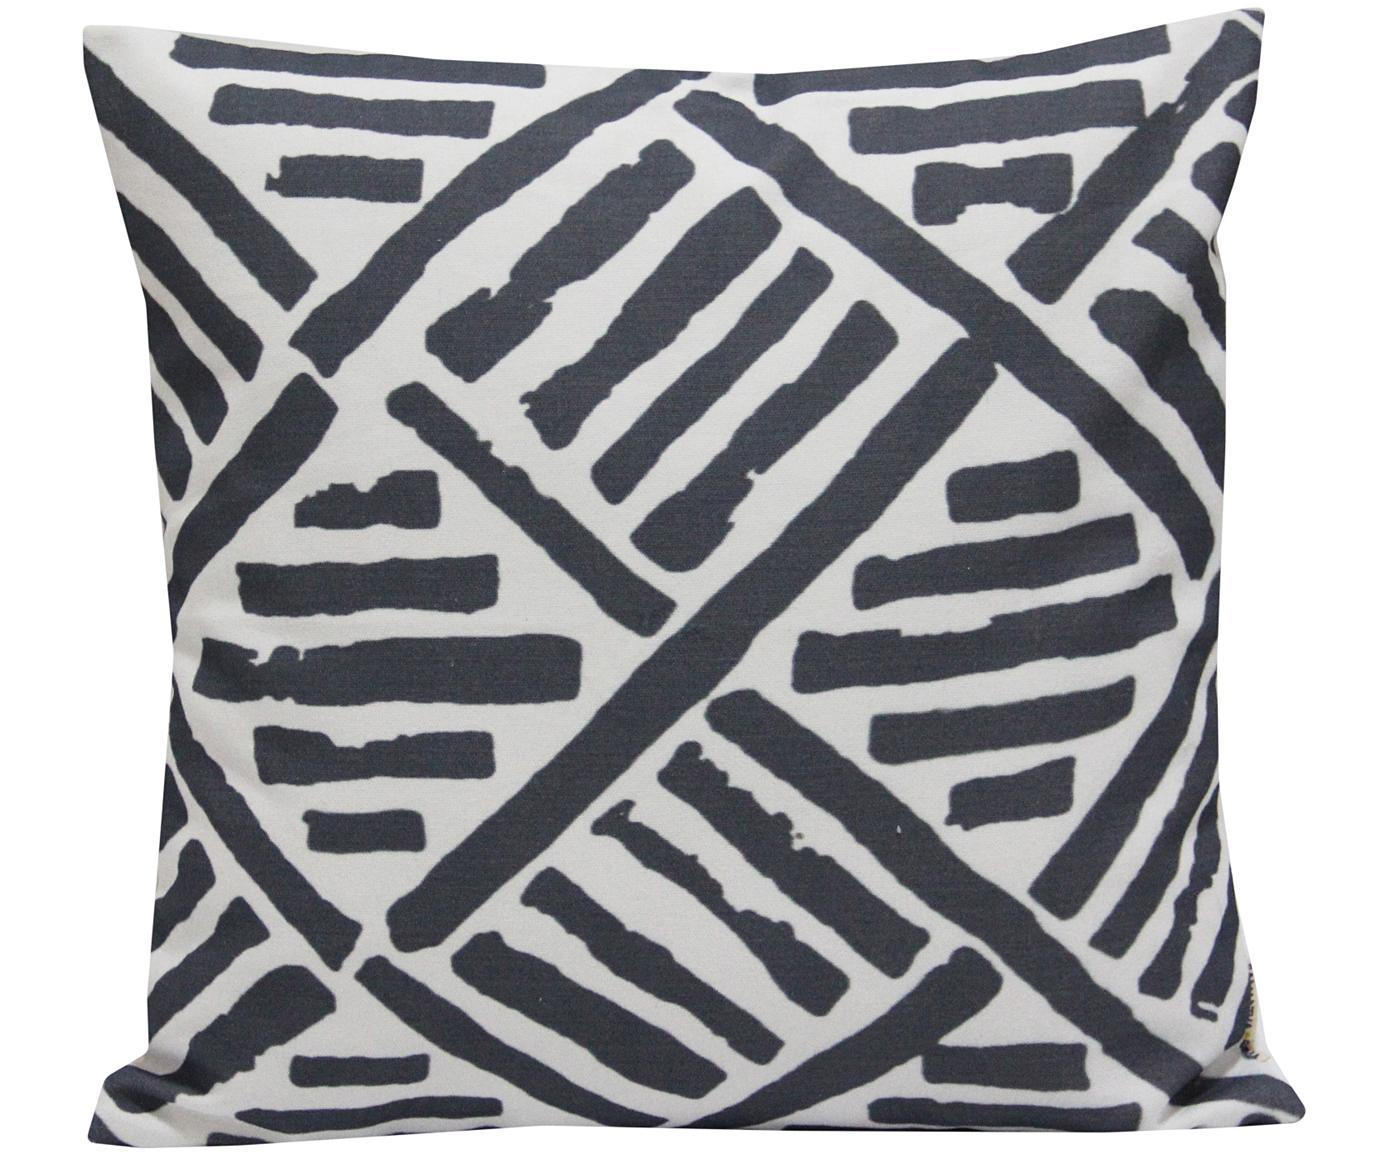 Federa arredo con motivo grafico Len, Cotone, Bianco, nero, Larg. 45 x Lung. 45 cm